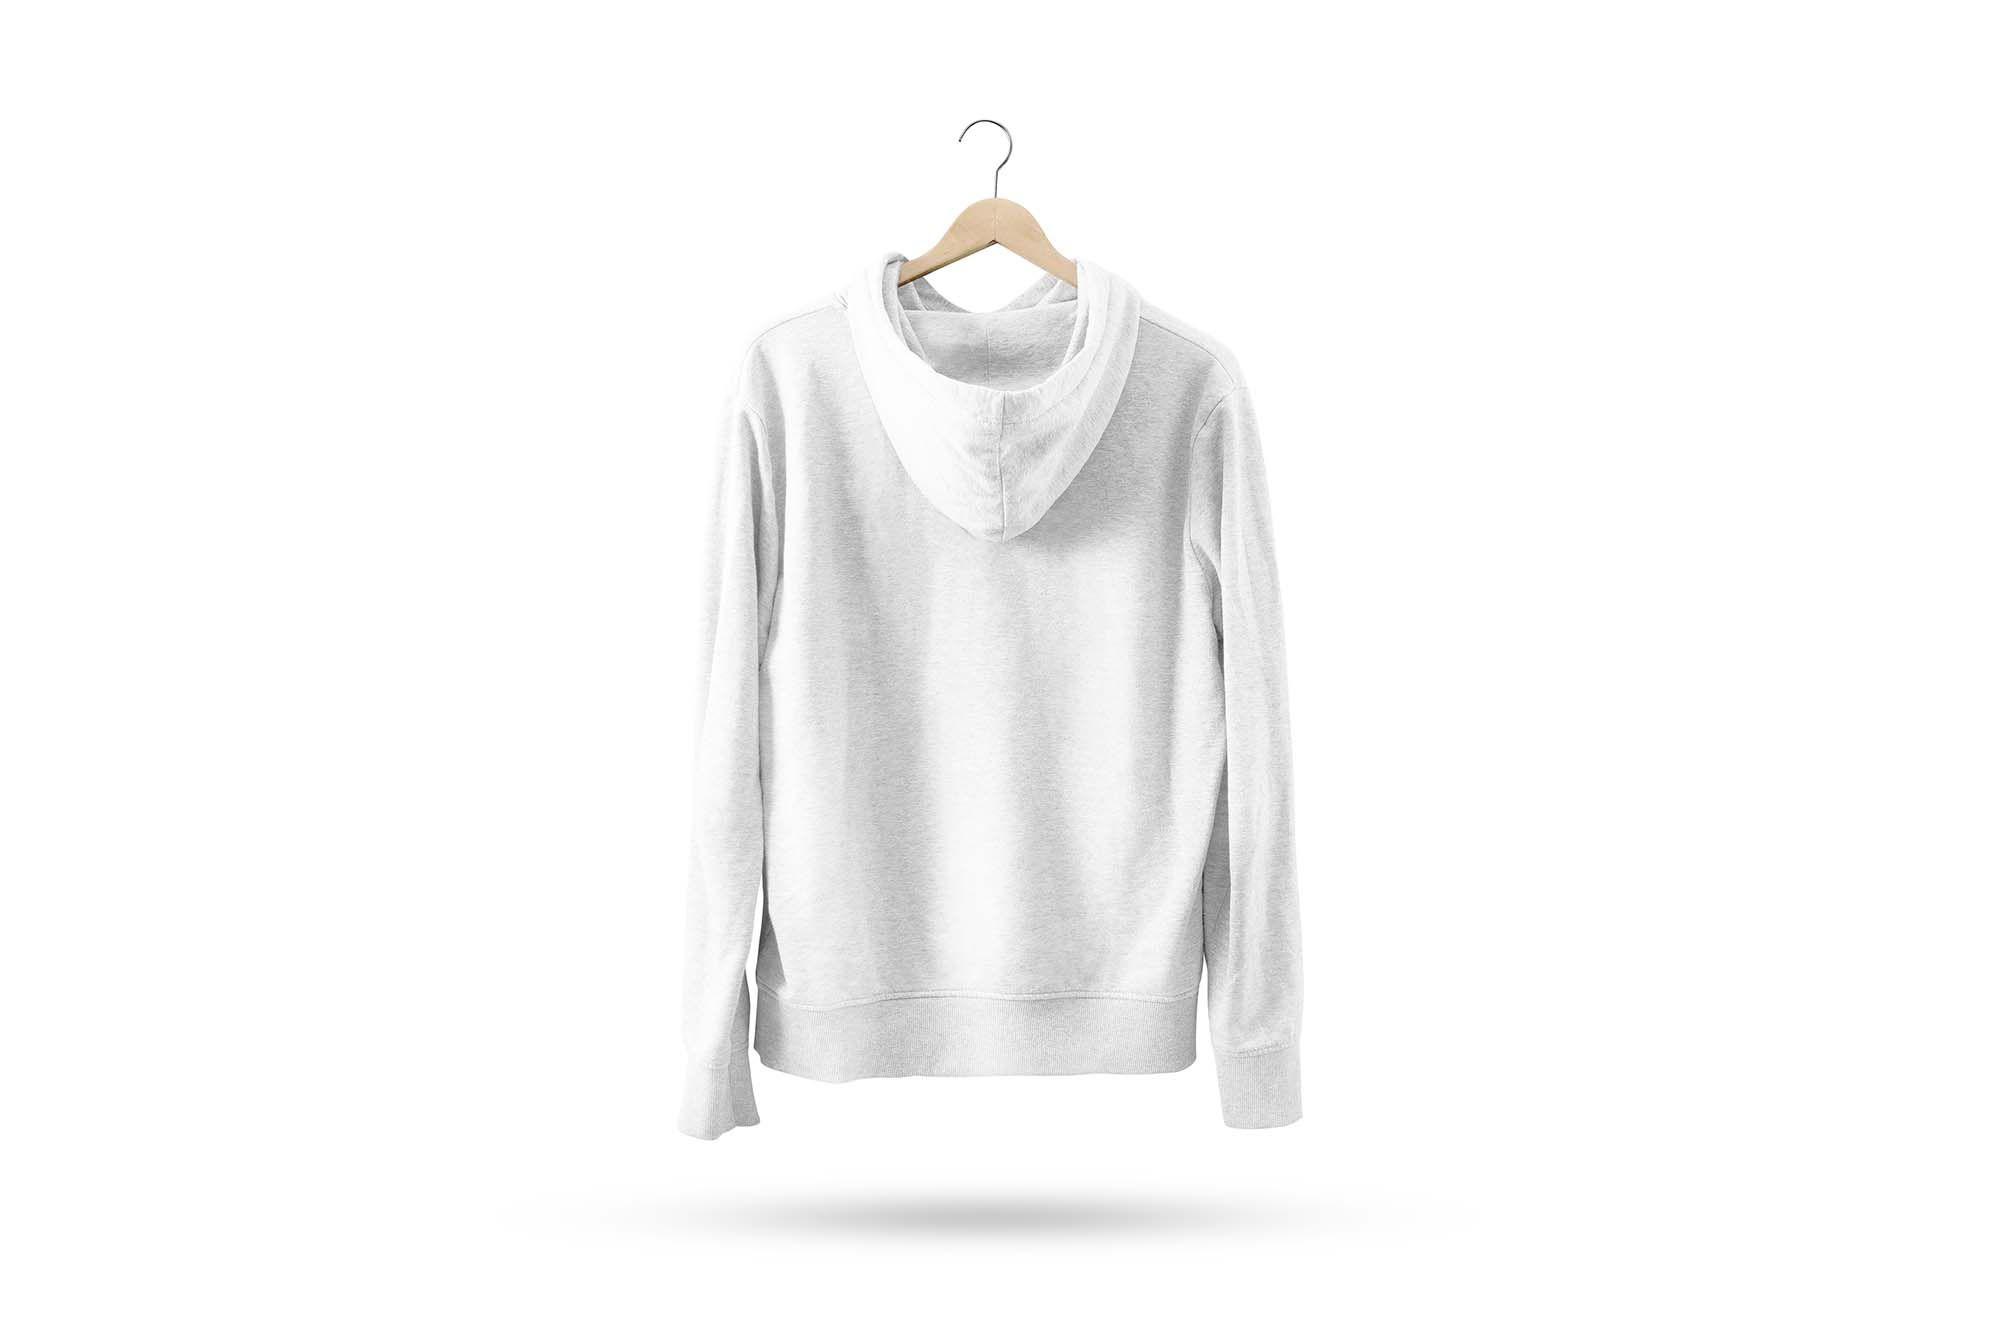 Download Free Plain Hoodie Mockup Psd Hoodie Mockup Clothing Mockup Plain Hoodies